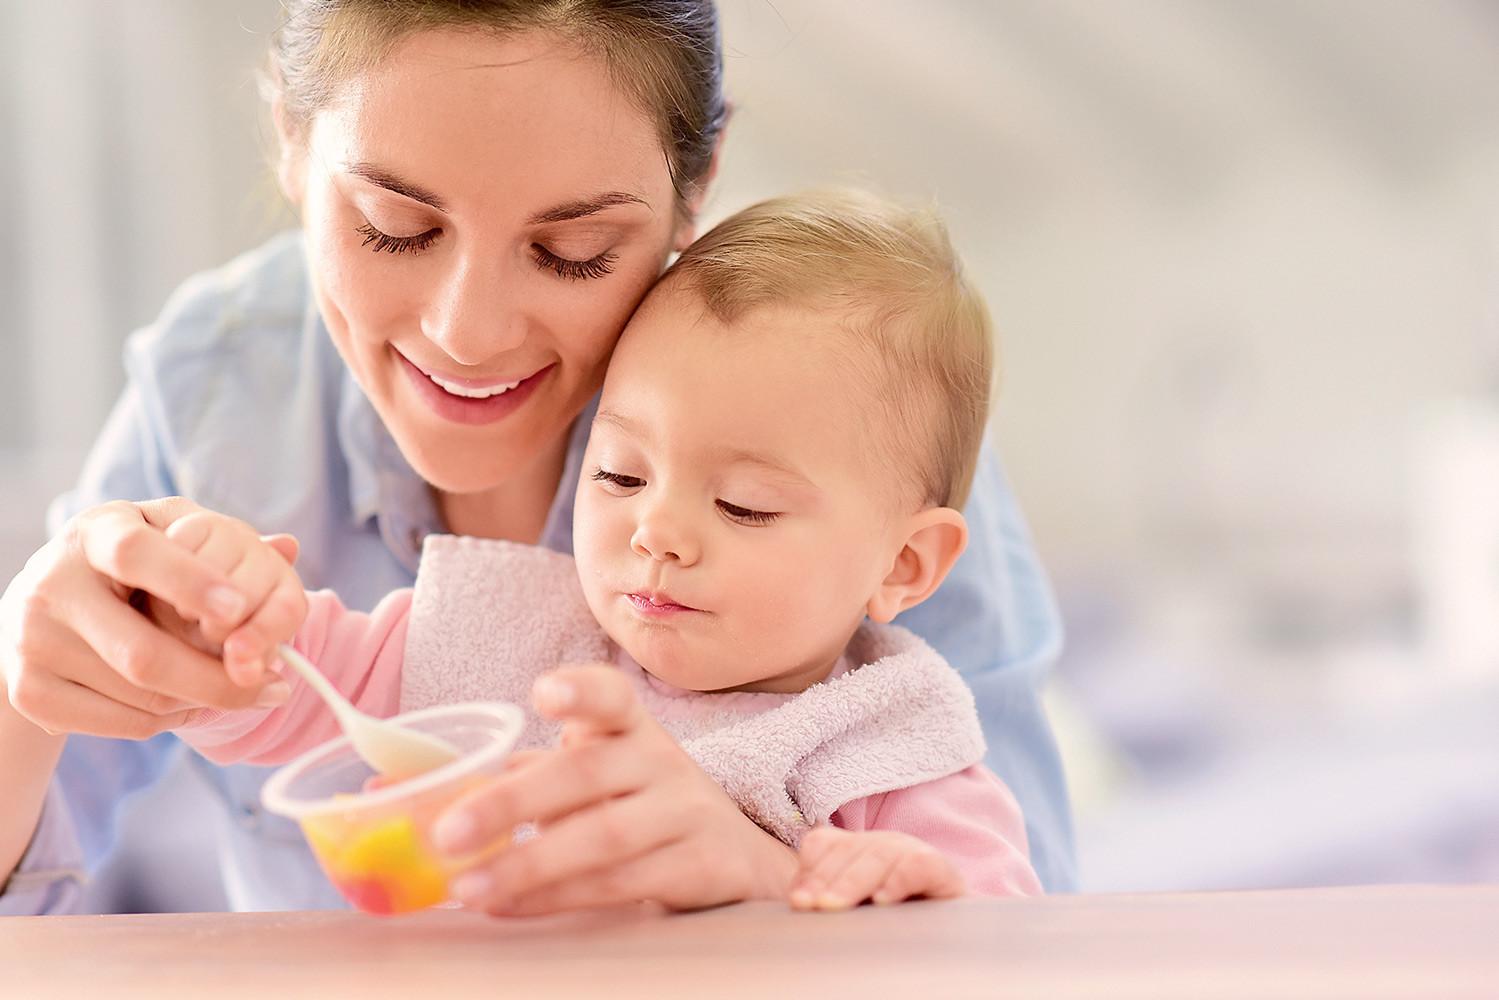 Диатез на щечках: причины, профилактика и лечение